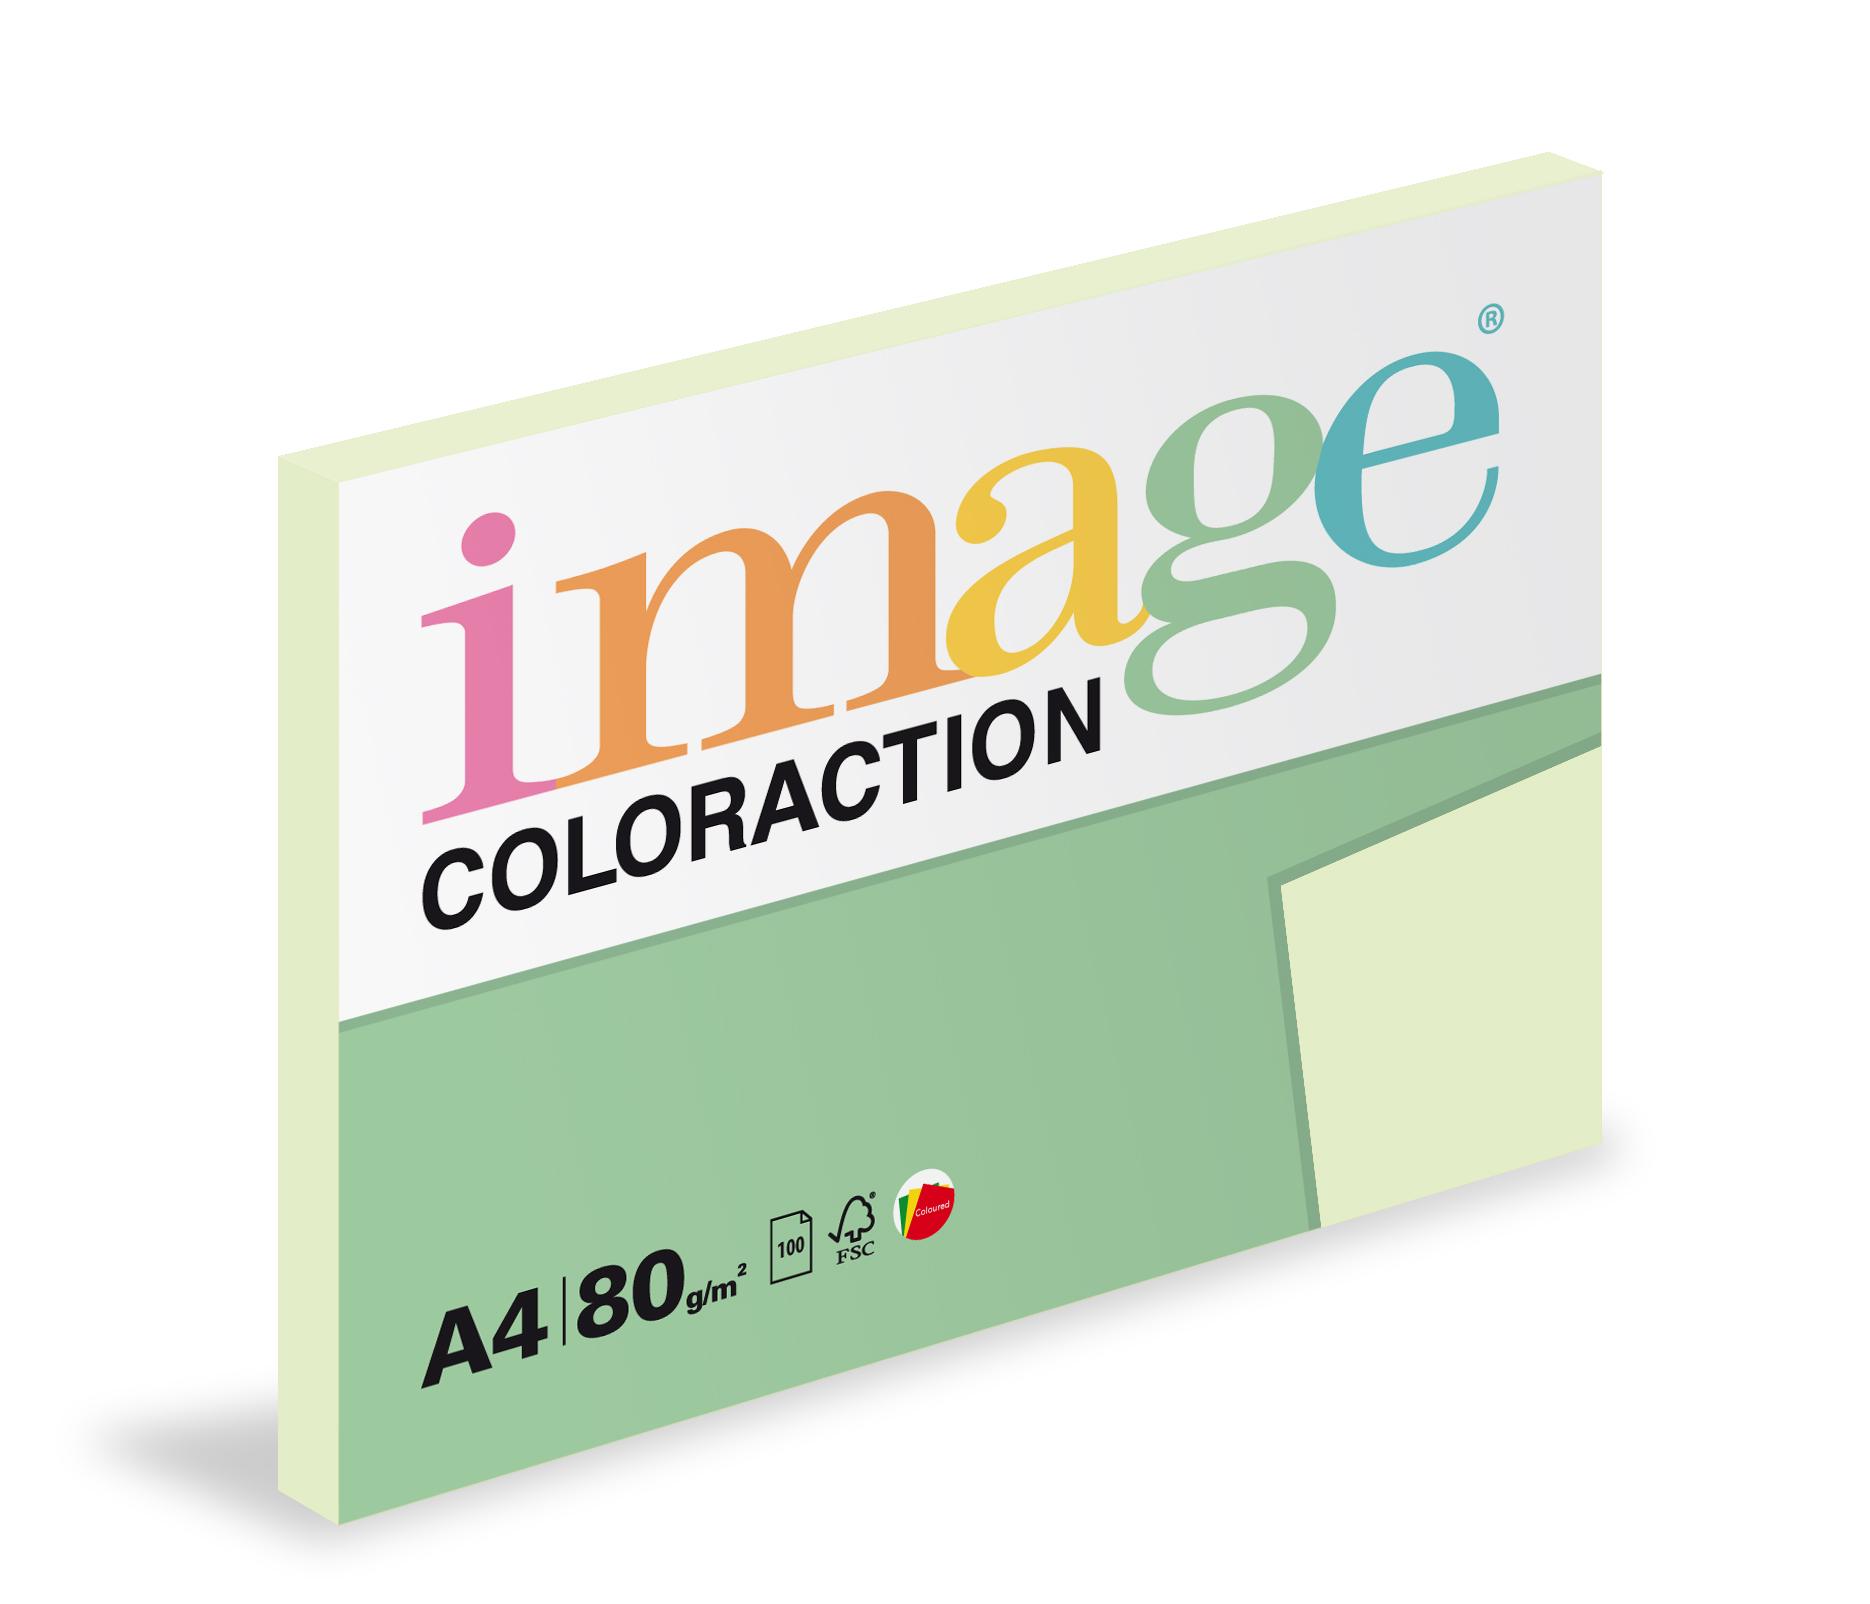 Xerografický papír barevný Coloraction 100 listů - GN27 jungle / pastelově světle zelená / 100 listů